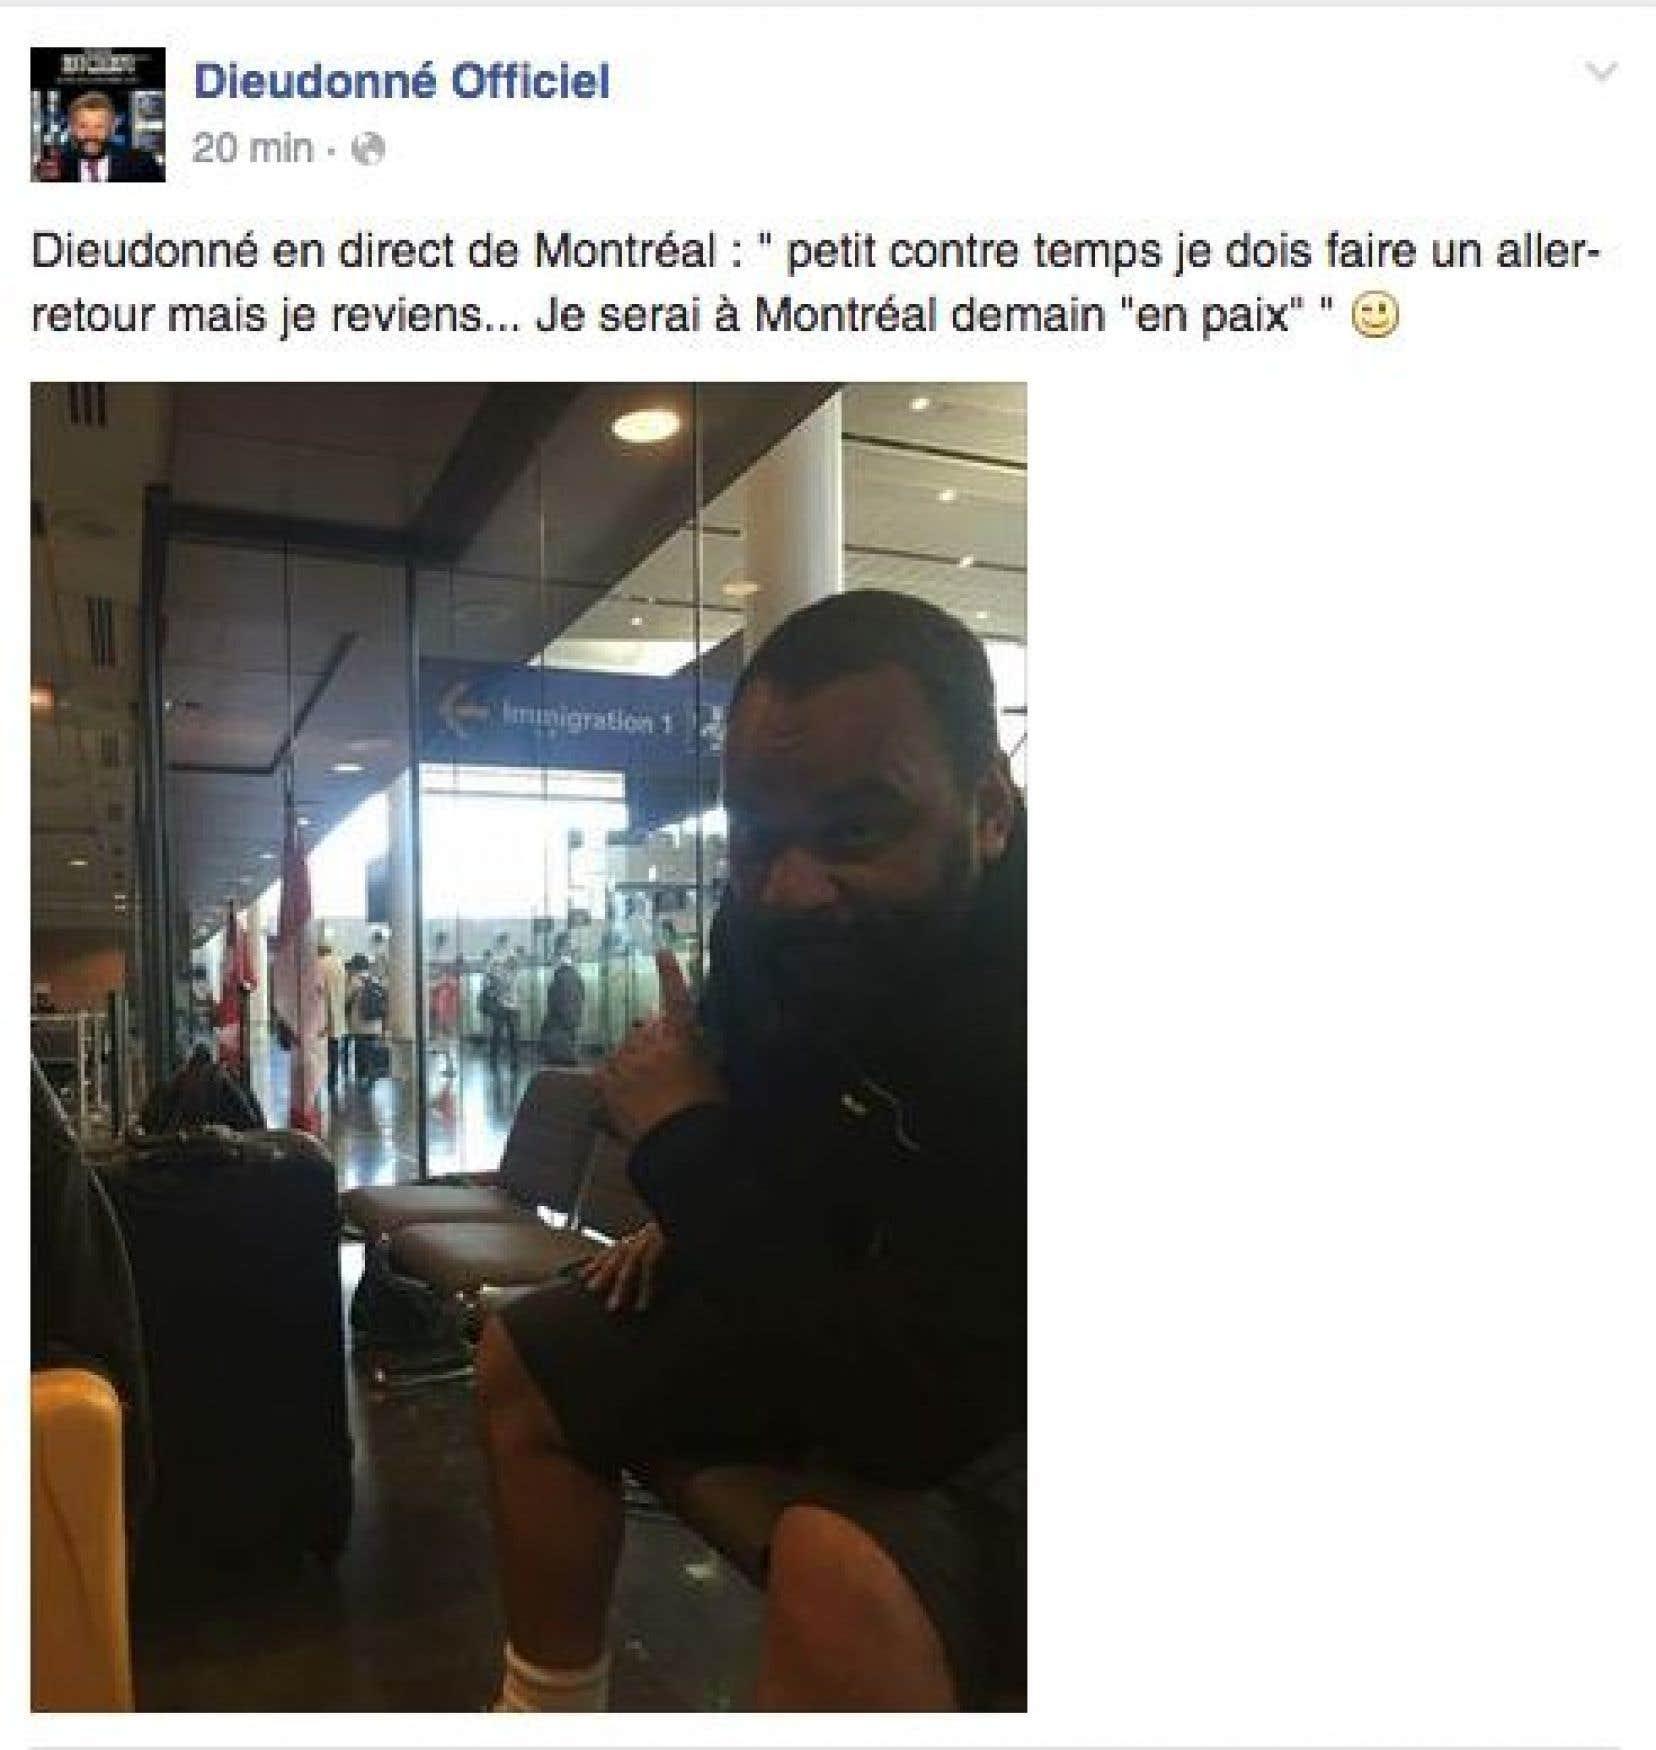 Une publication tirée de la page Facebook de l'humoriste français Dieudonné.